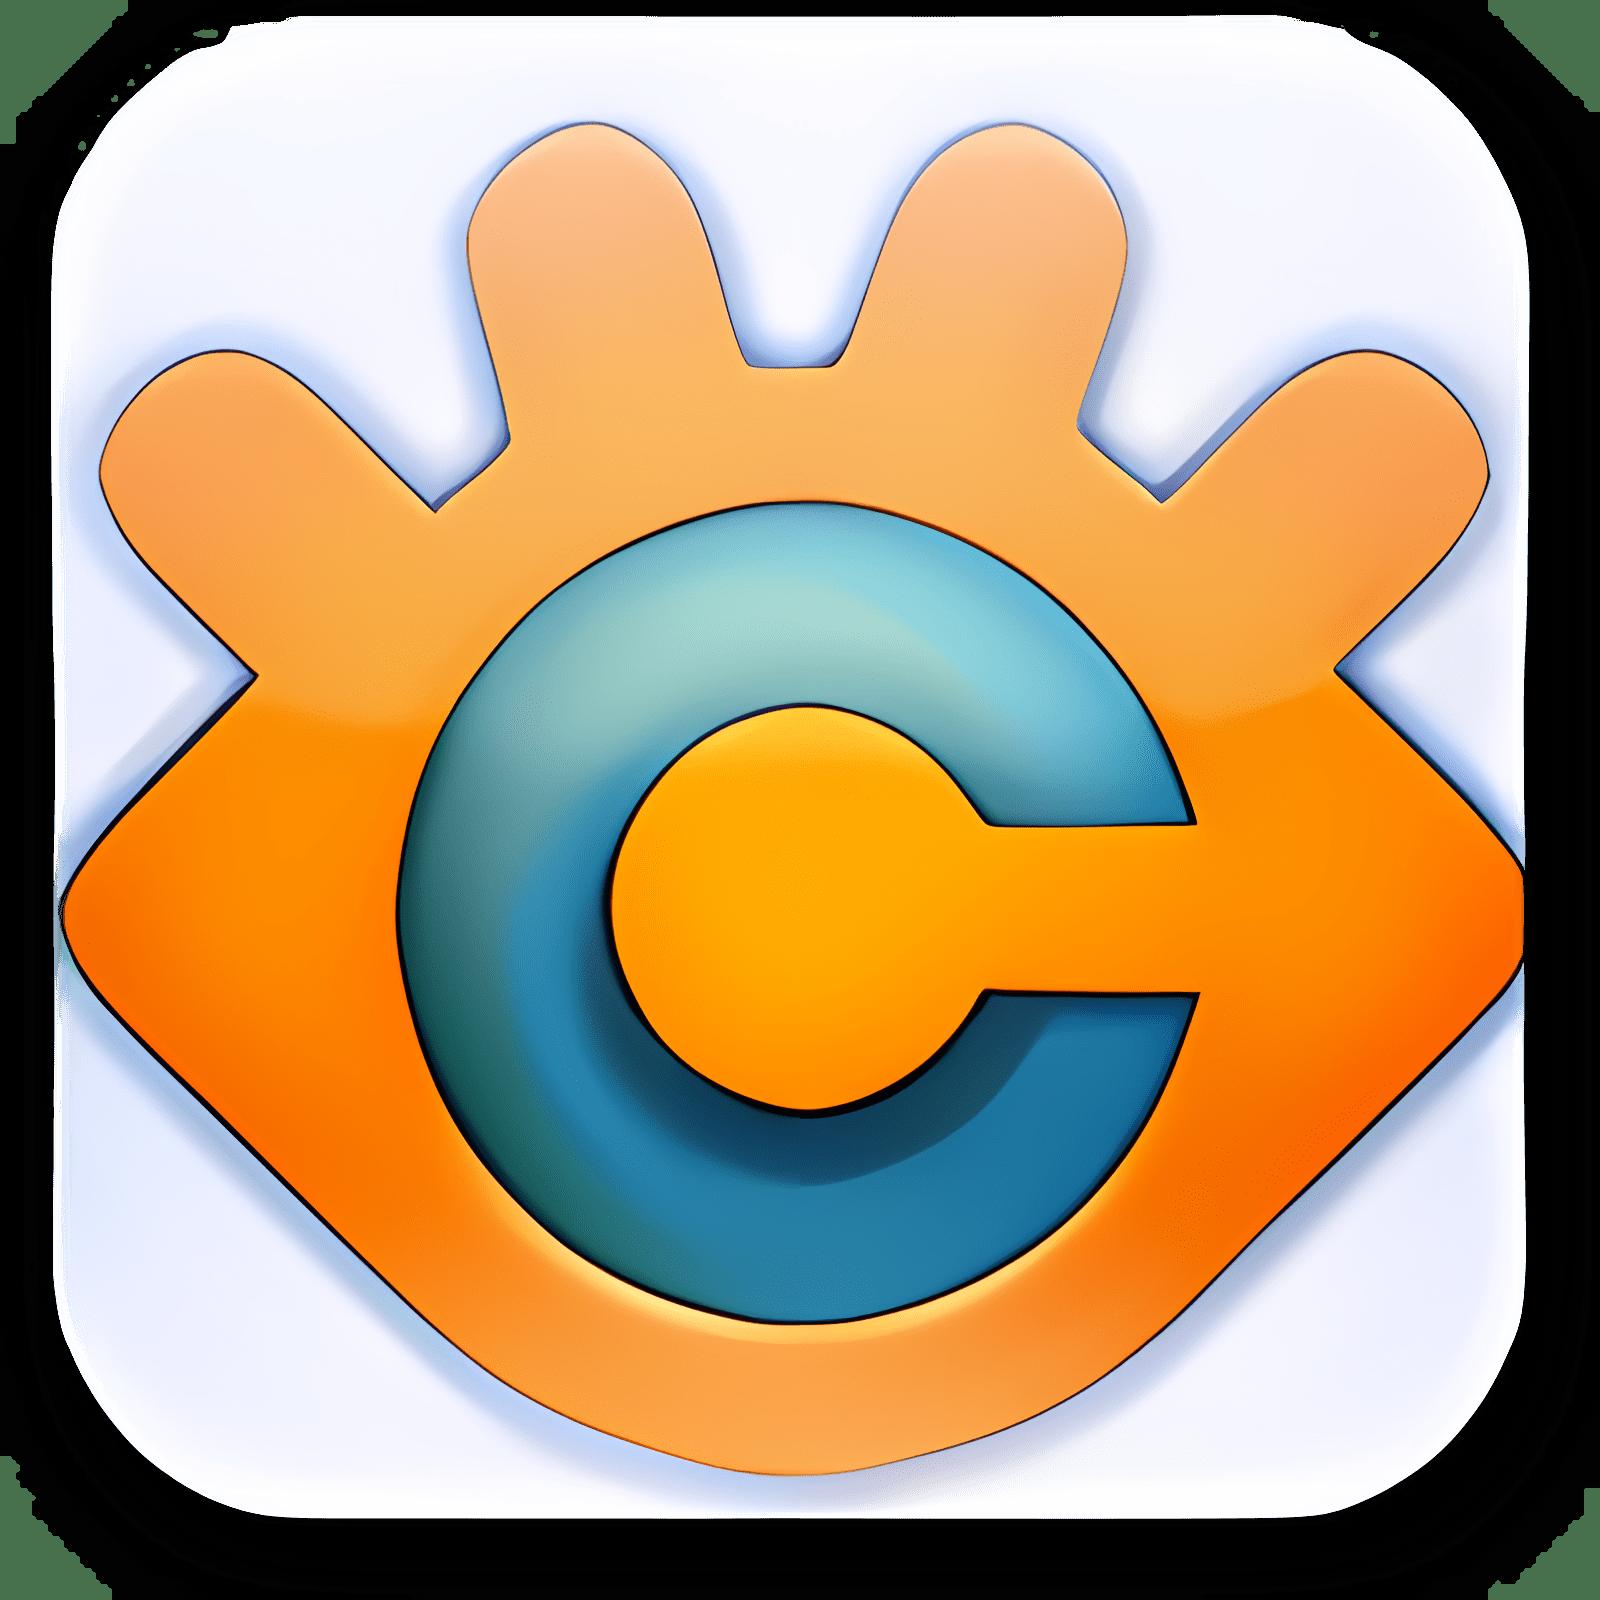 XnConvert Portable 1.10